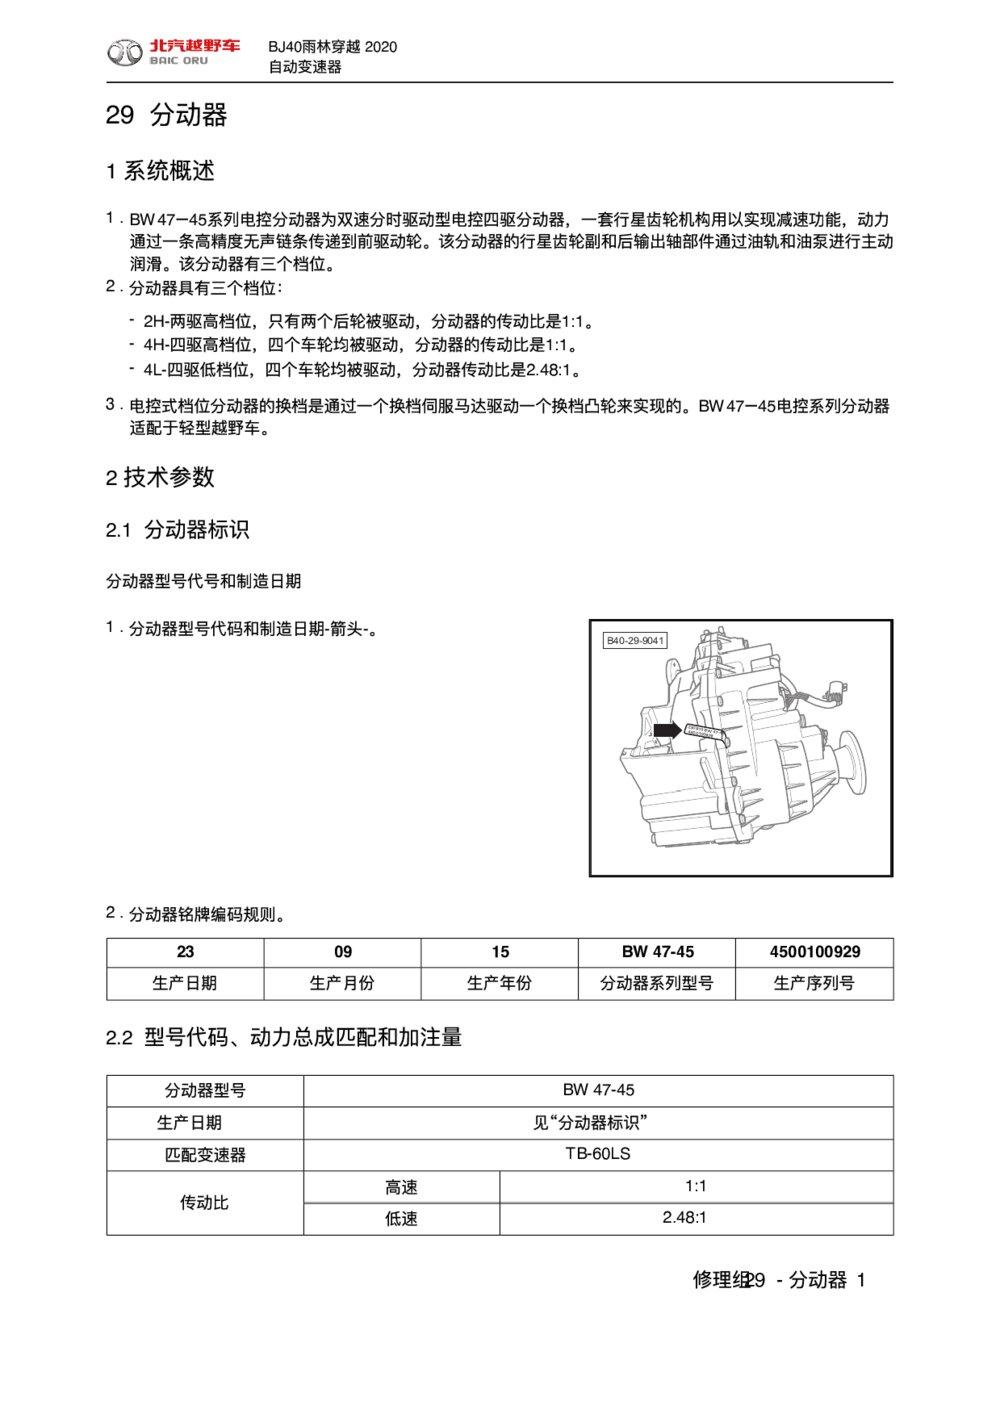 2020款北京BJ40雨林穿越版分动器系统概述